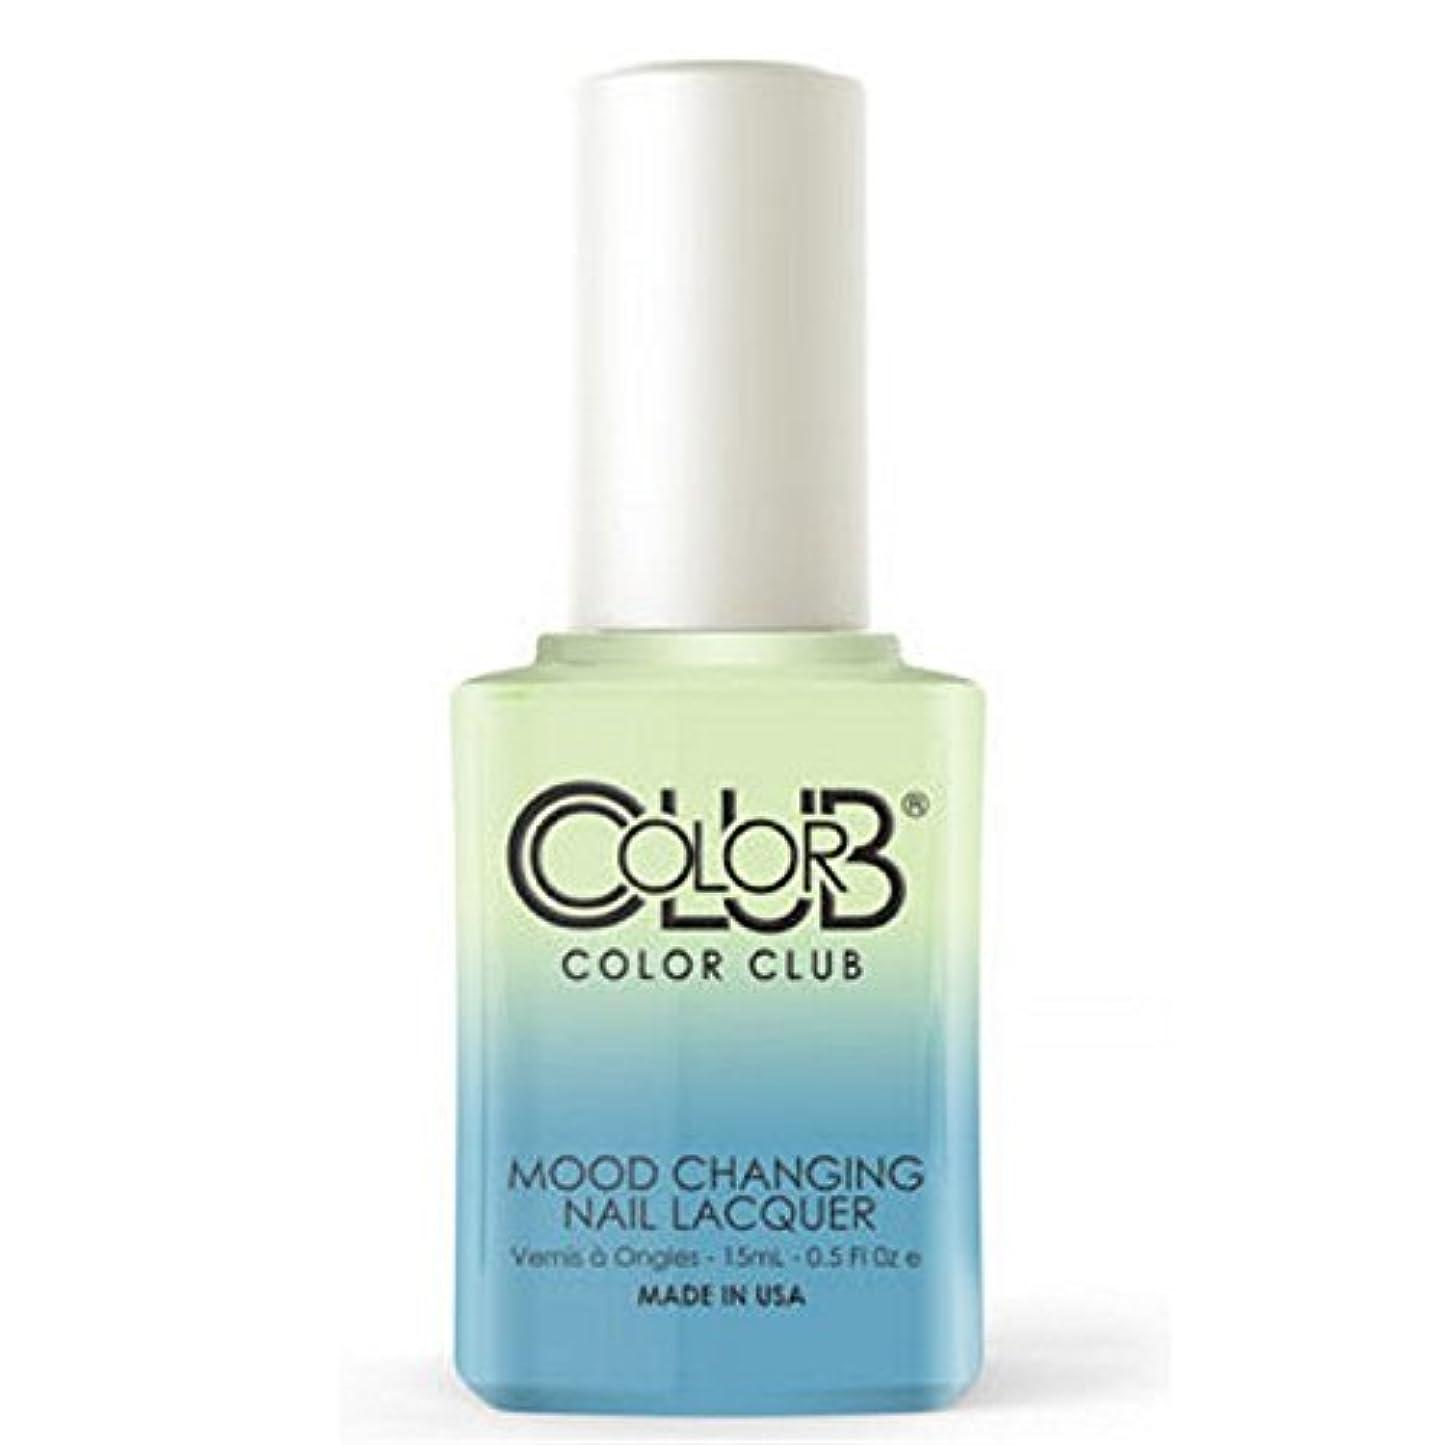 蒸ペースト後Color Club Mood Changing Nail Lacquer - Extra-vert - 15 mL / 0.5 fl oz